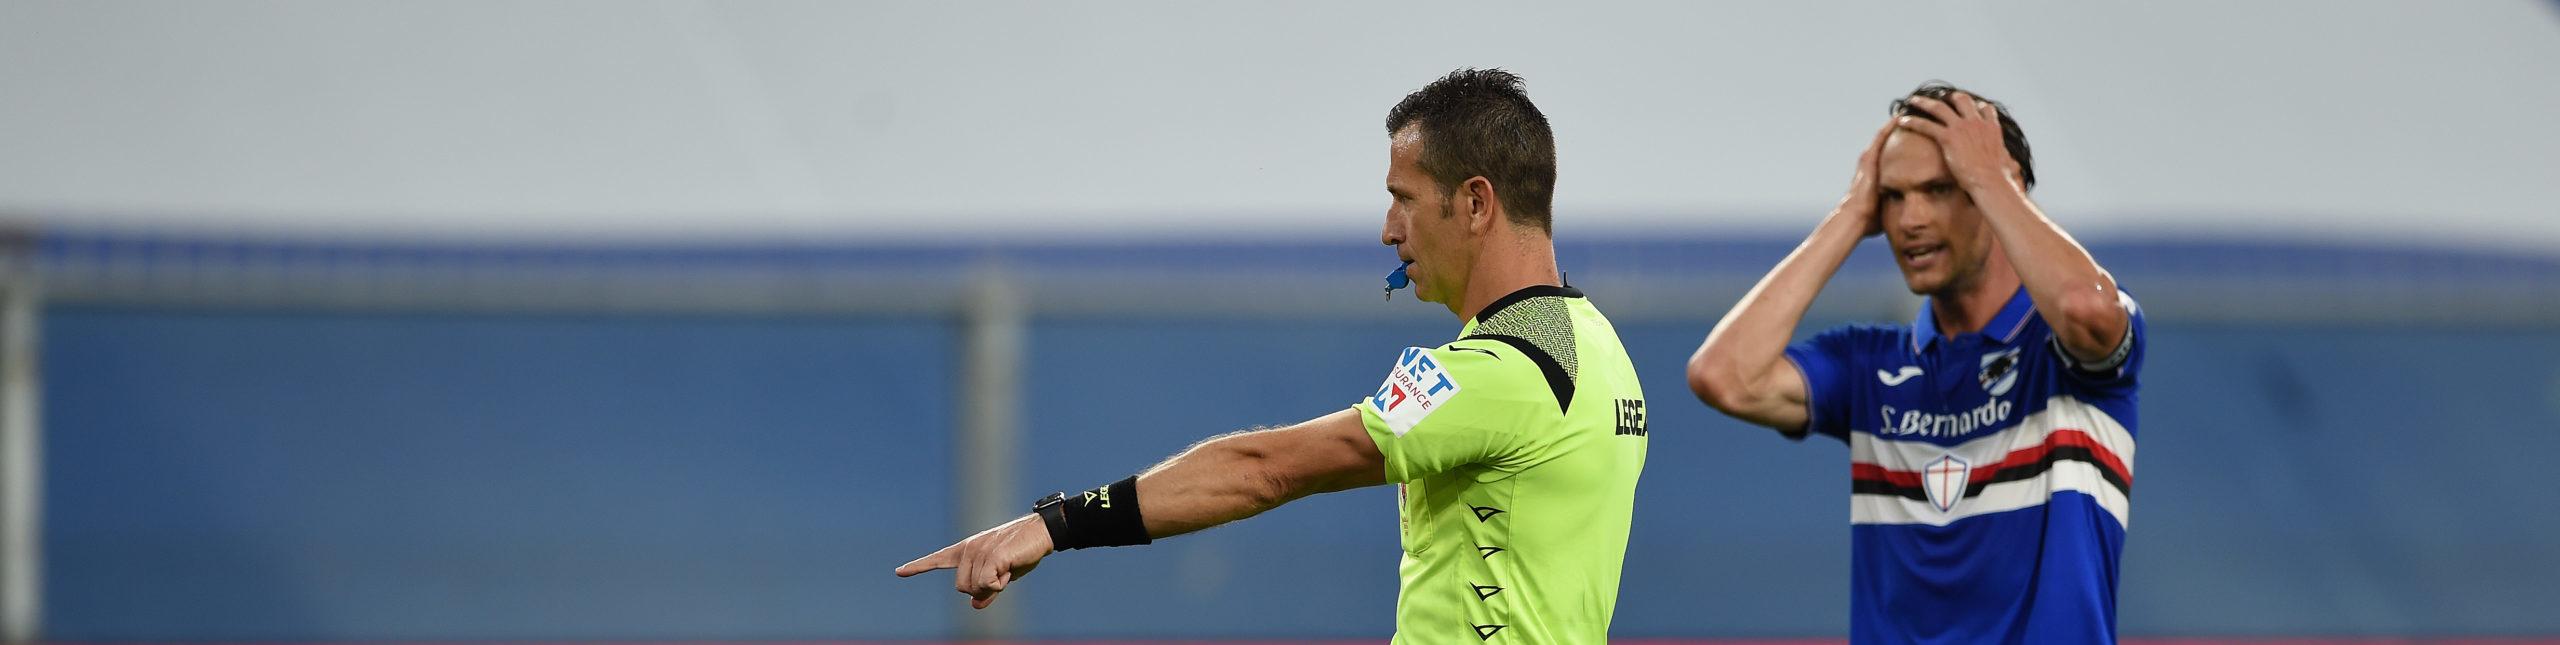 Campionati con più rigori: è boom in Serie A, ecco le quote da tenere d'occhio. E Marelli invoca il challenge...